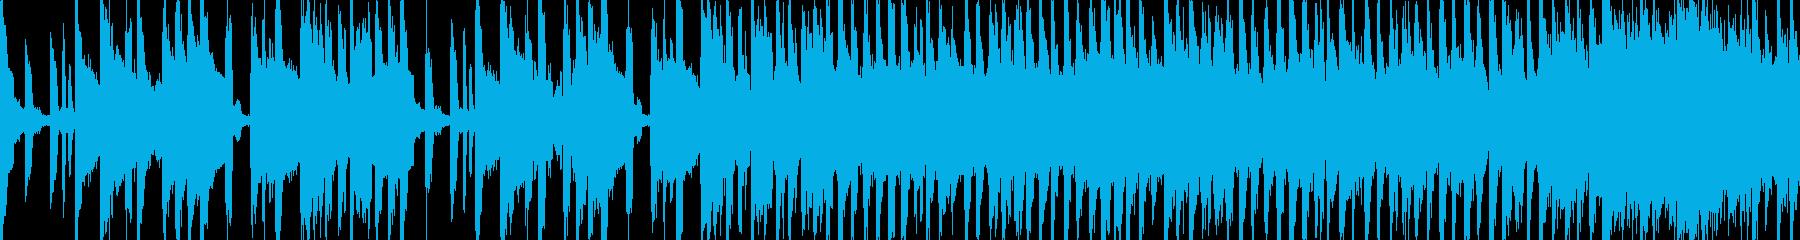 可愛く元気のある曲(Loop対応)の再生済みの波形